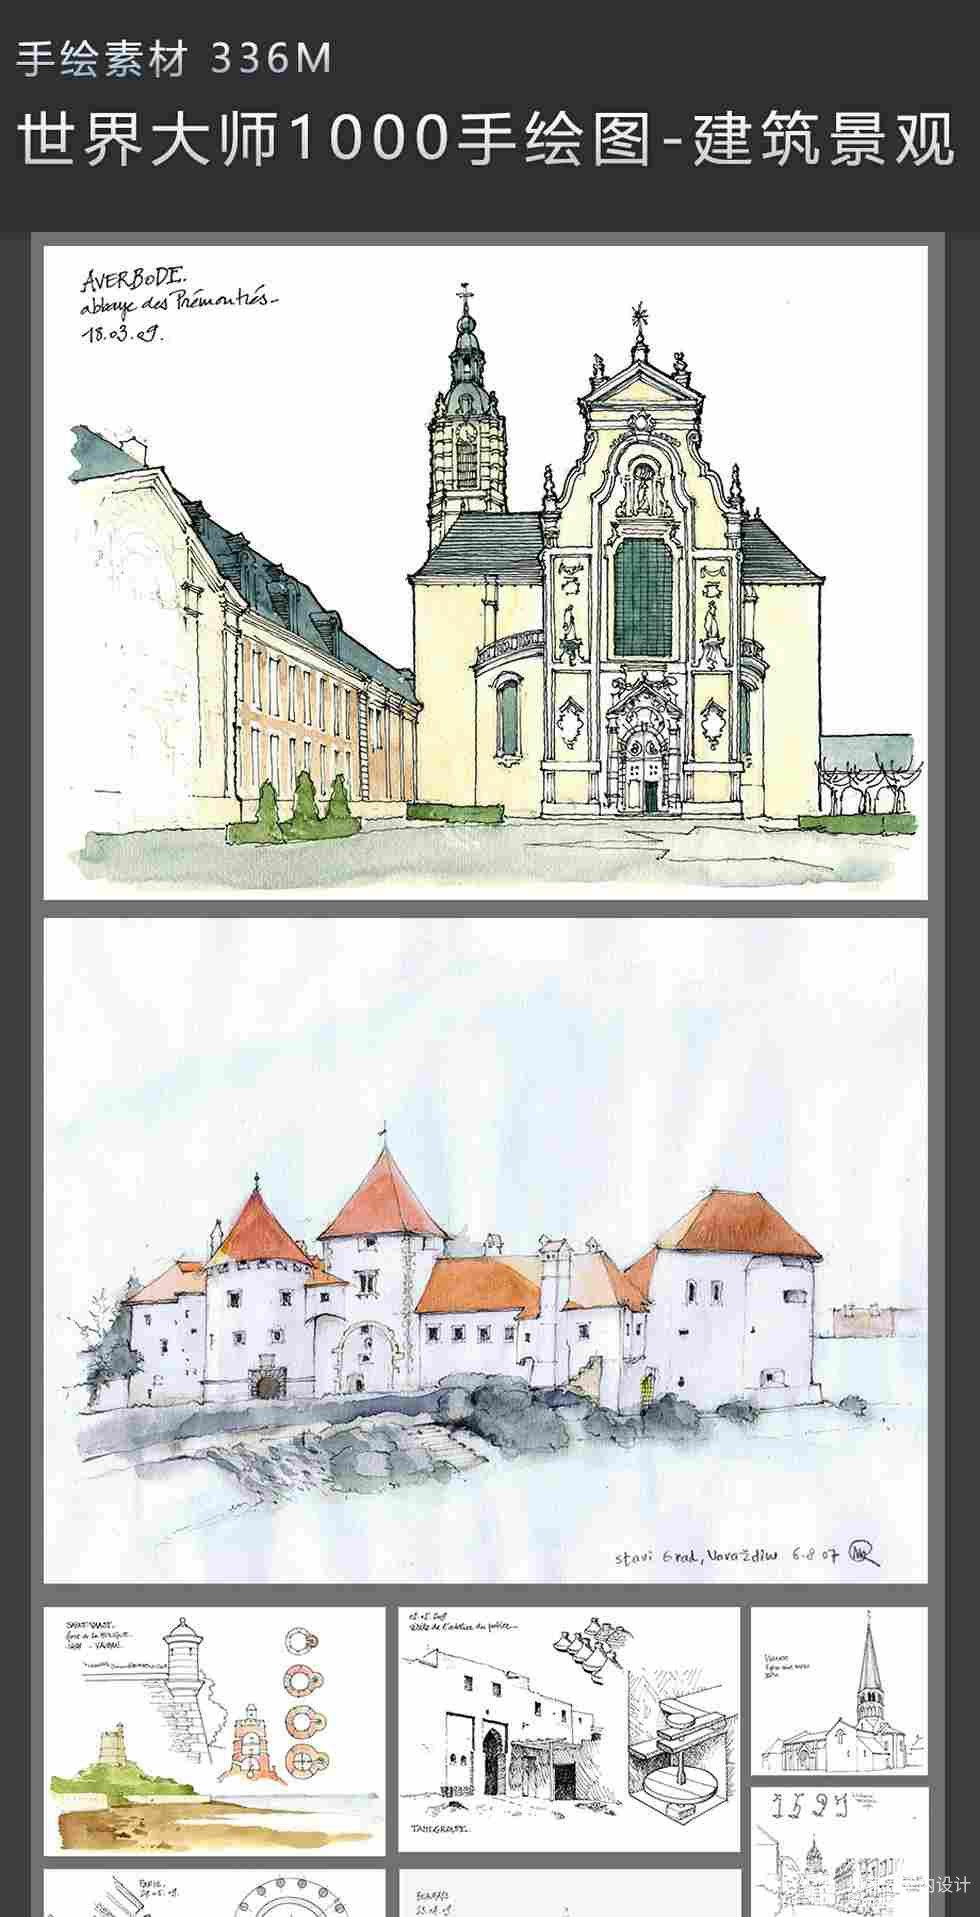 世界大师1000手绘图-建筑景观速写素描钢笔画铅笔画临摹效果图